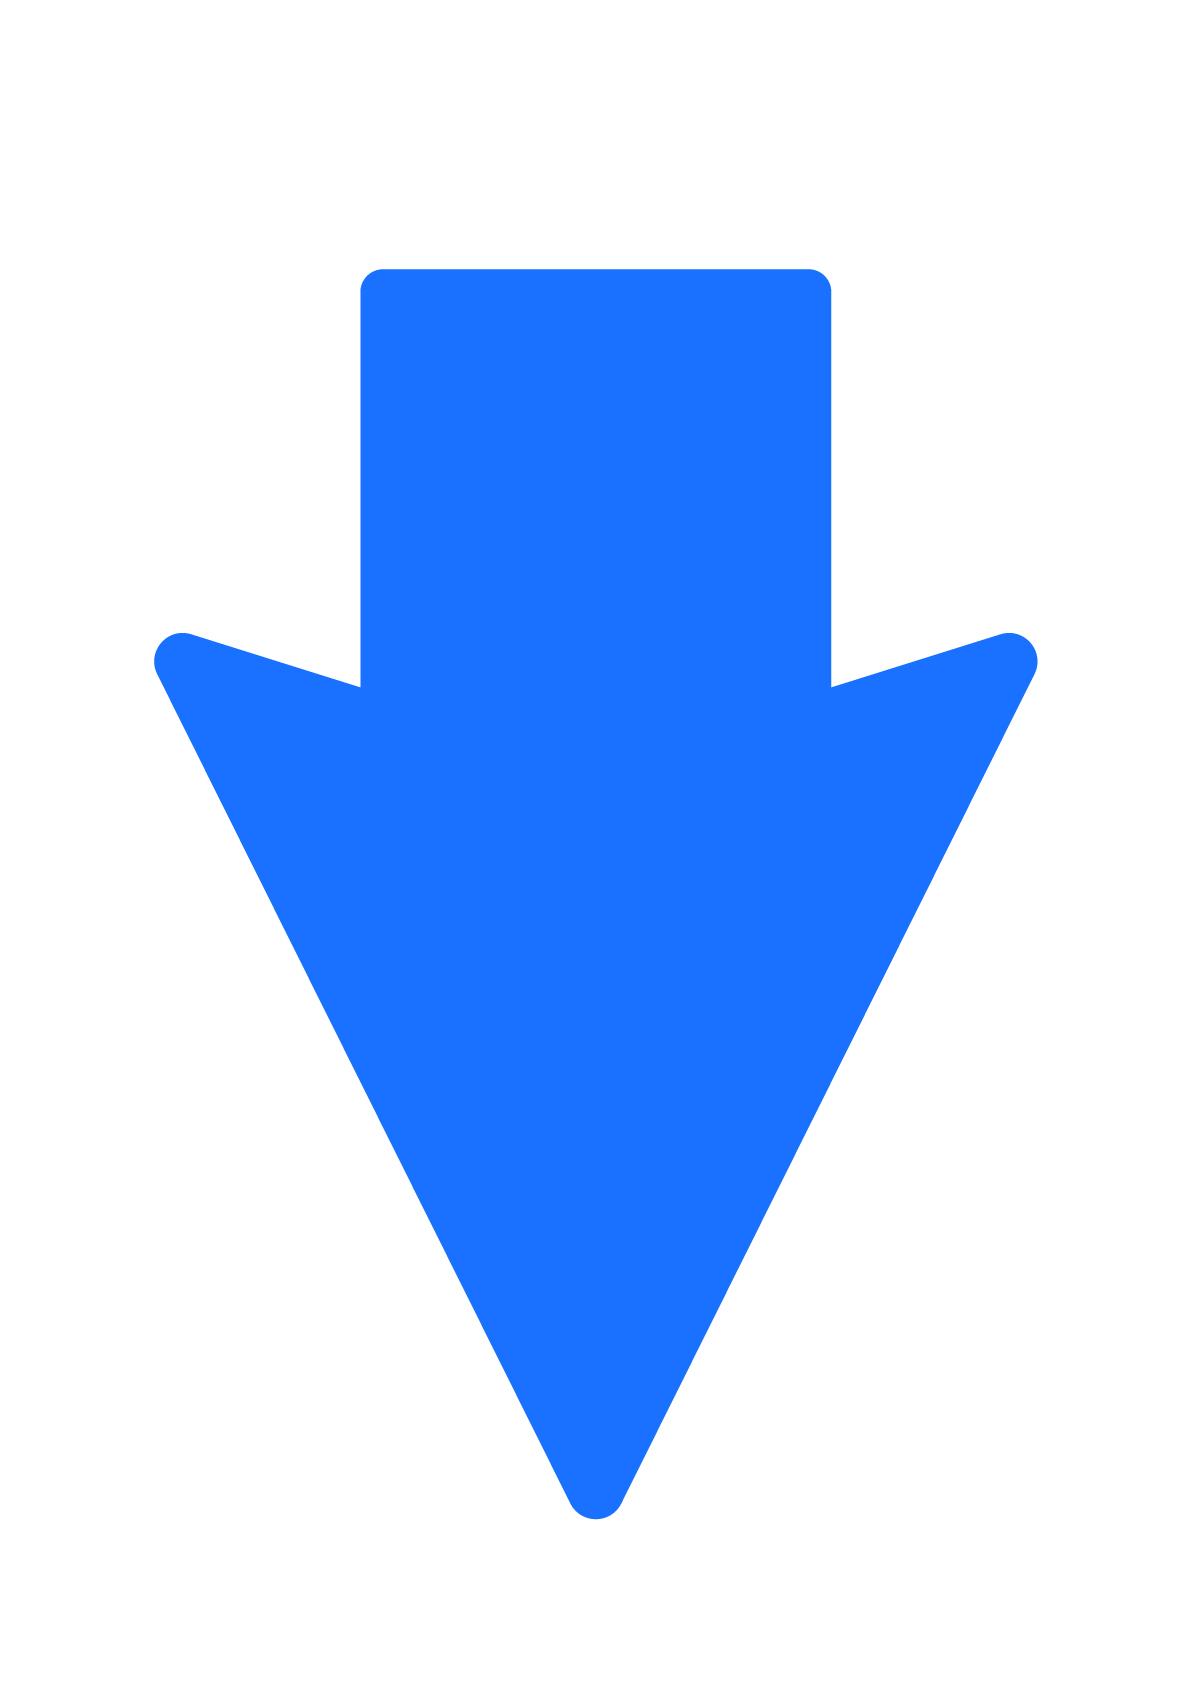 下矢印(白地に青)の張り紙 | フリー張り紙素材 はりがみや